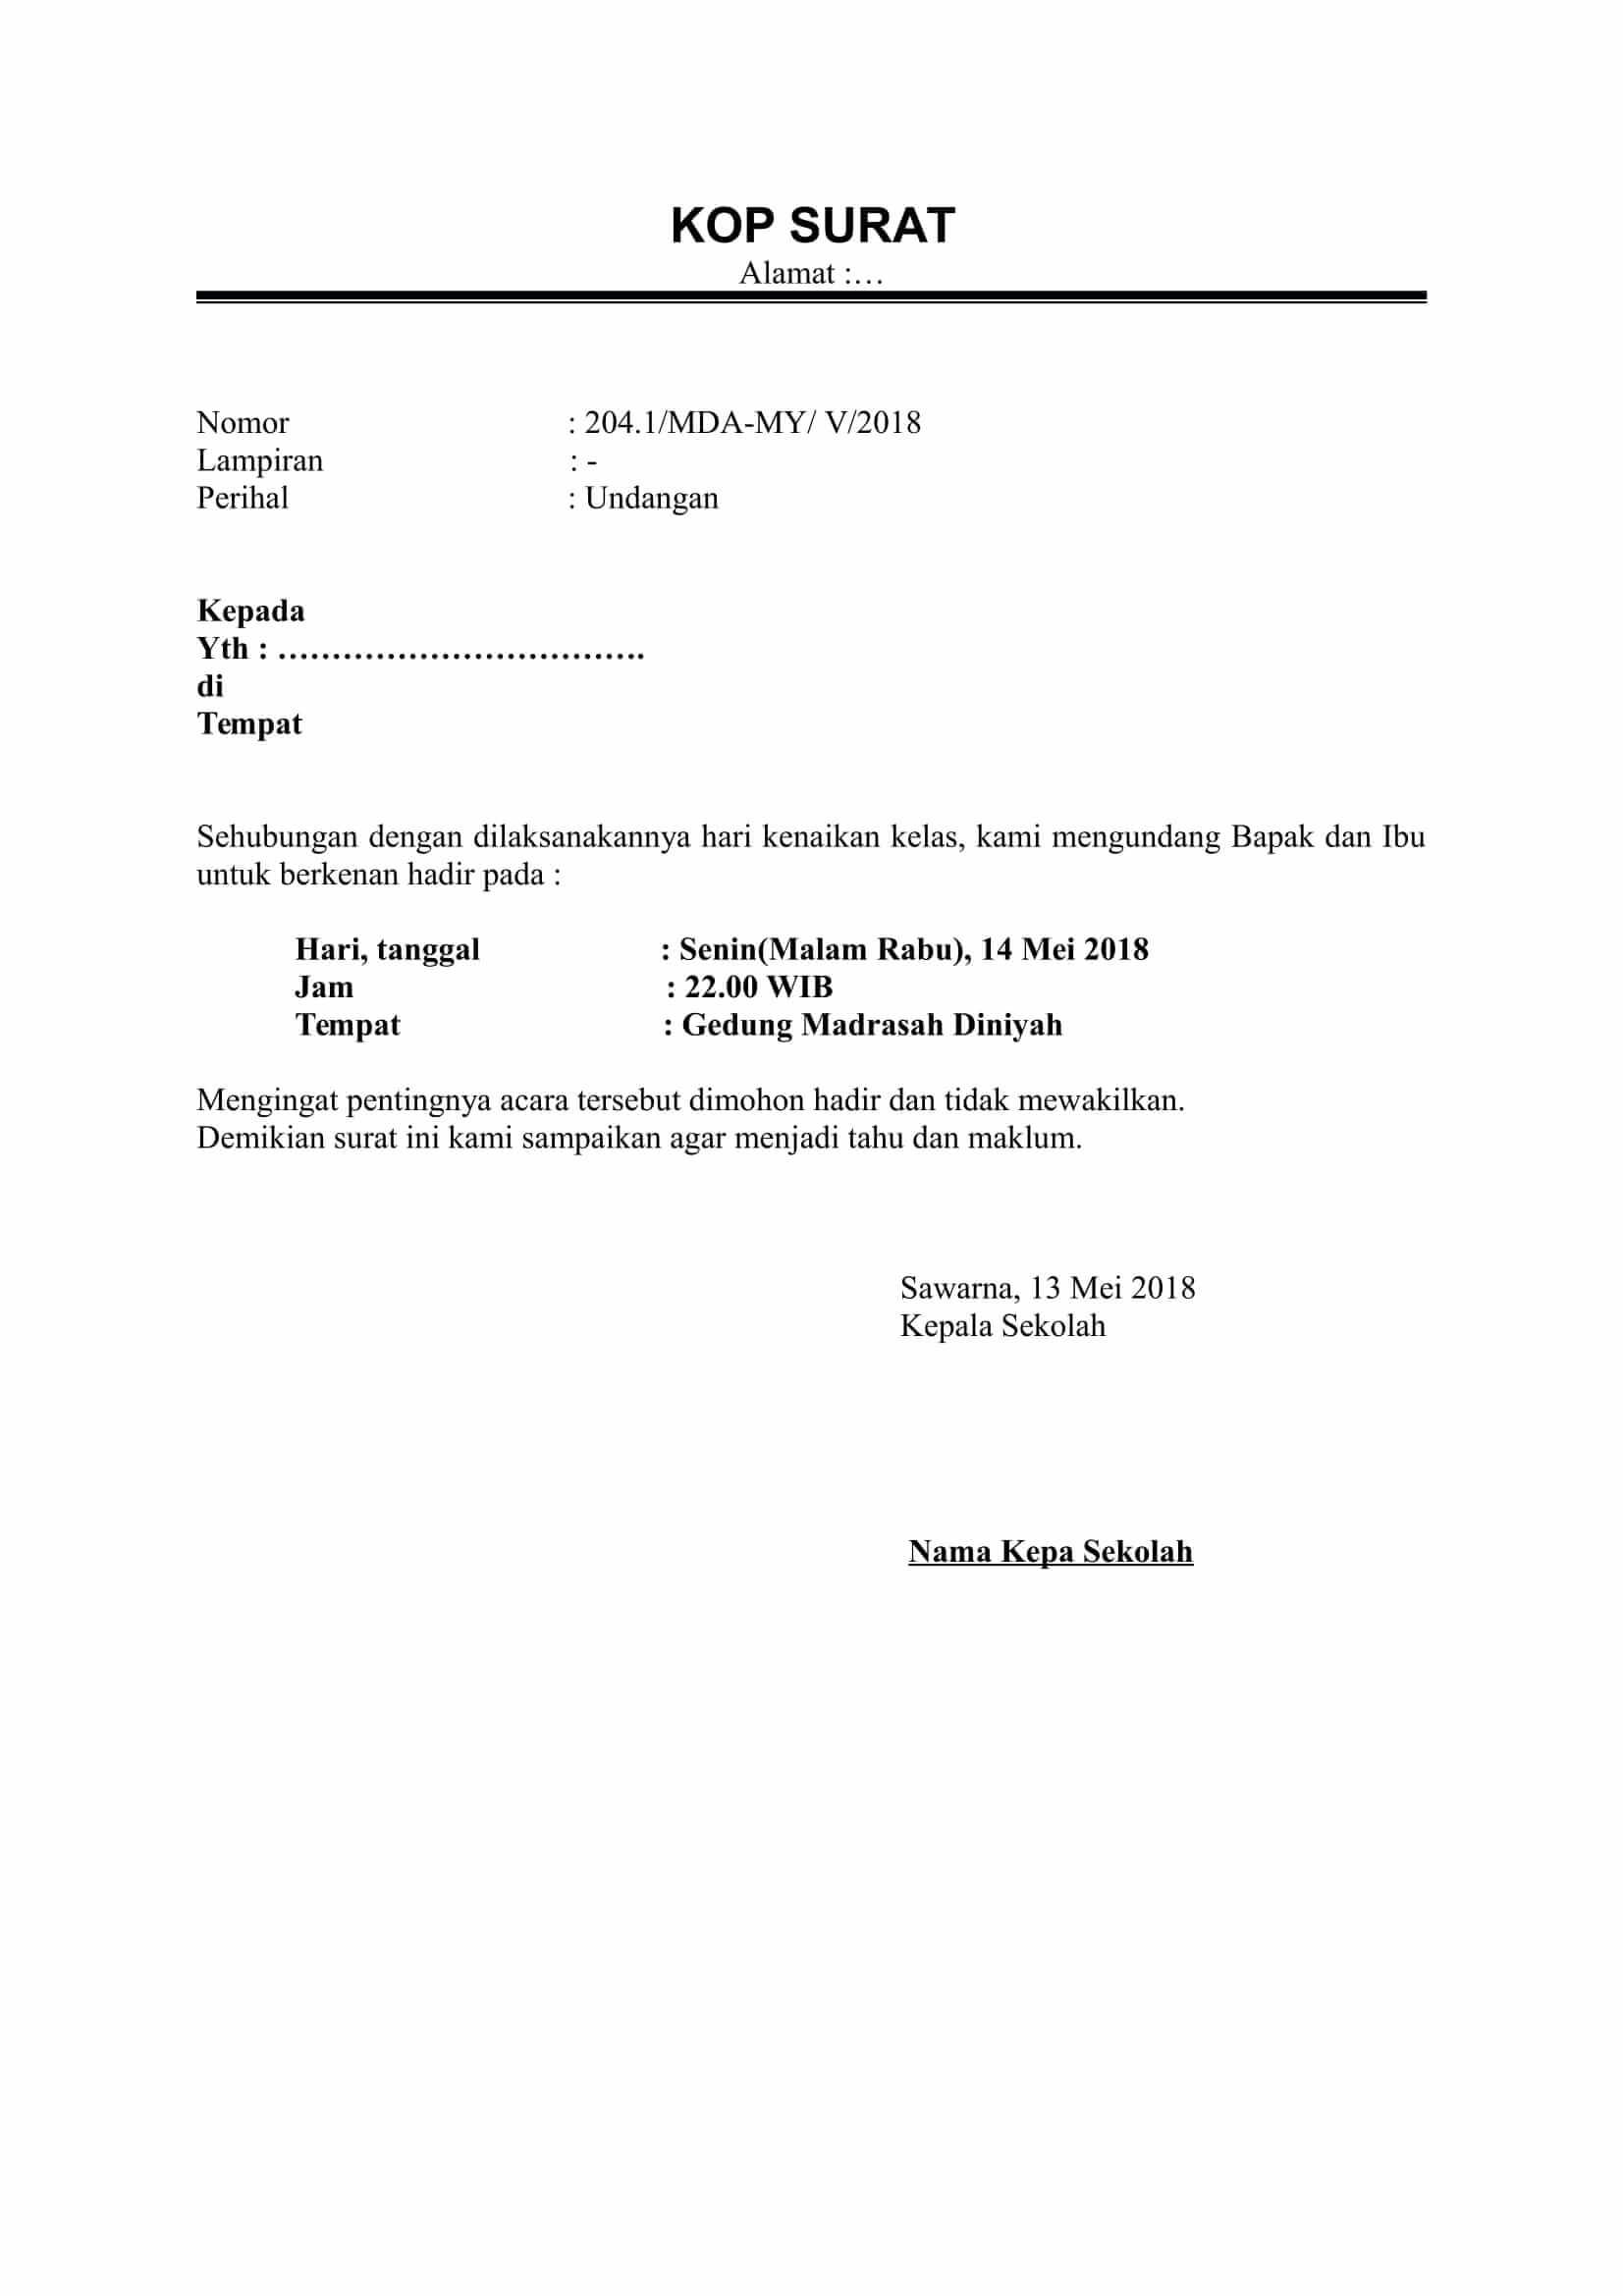 Surat Undangan Orang Tua Singkat